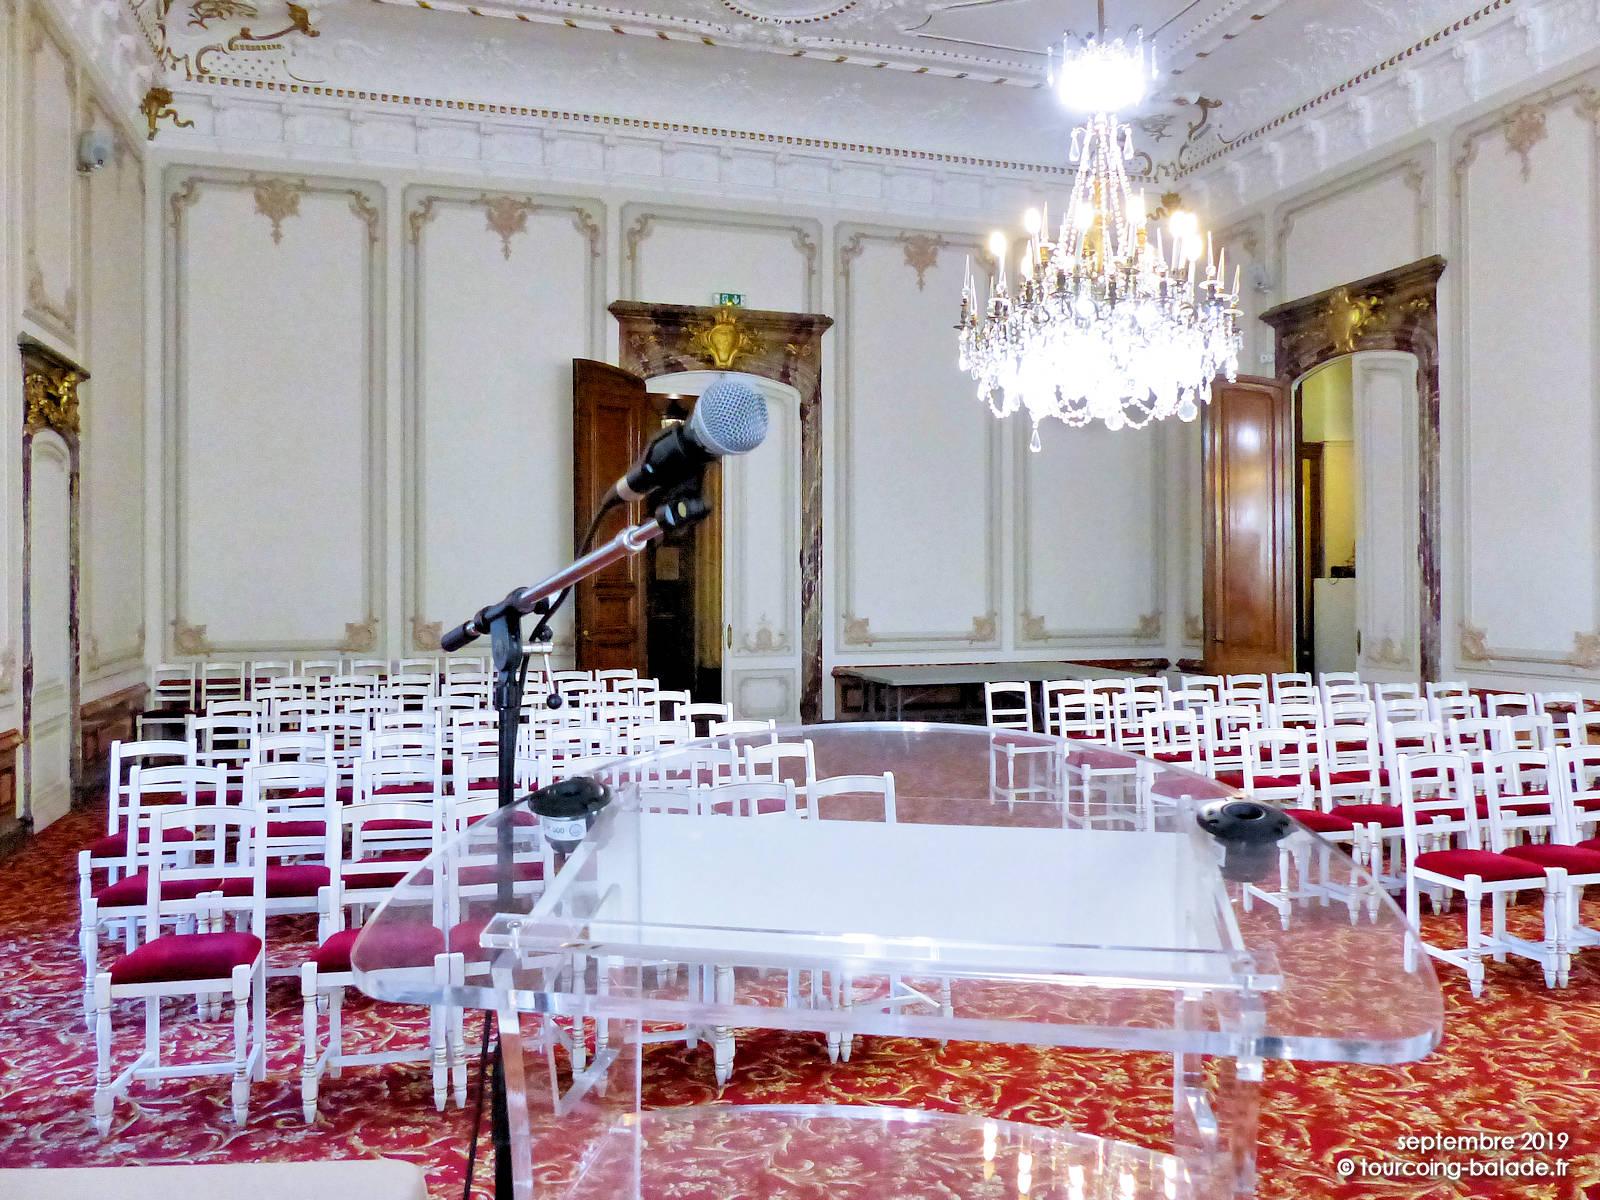 Salle des mariages, Tourcoing - pupitre - 2019